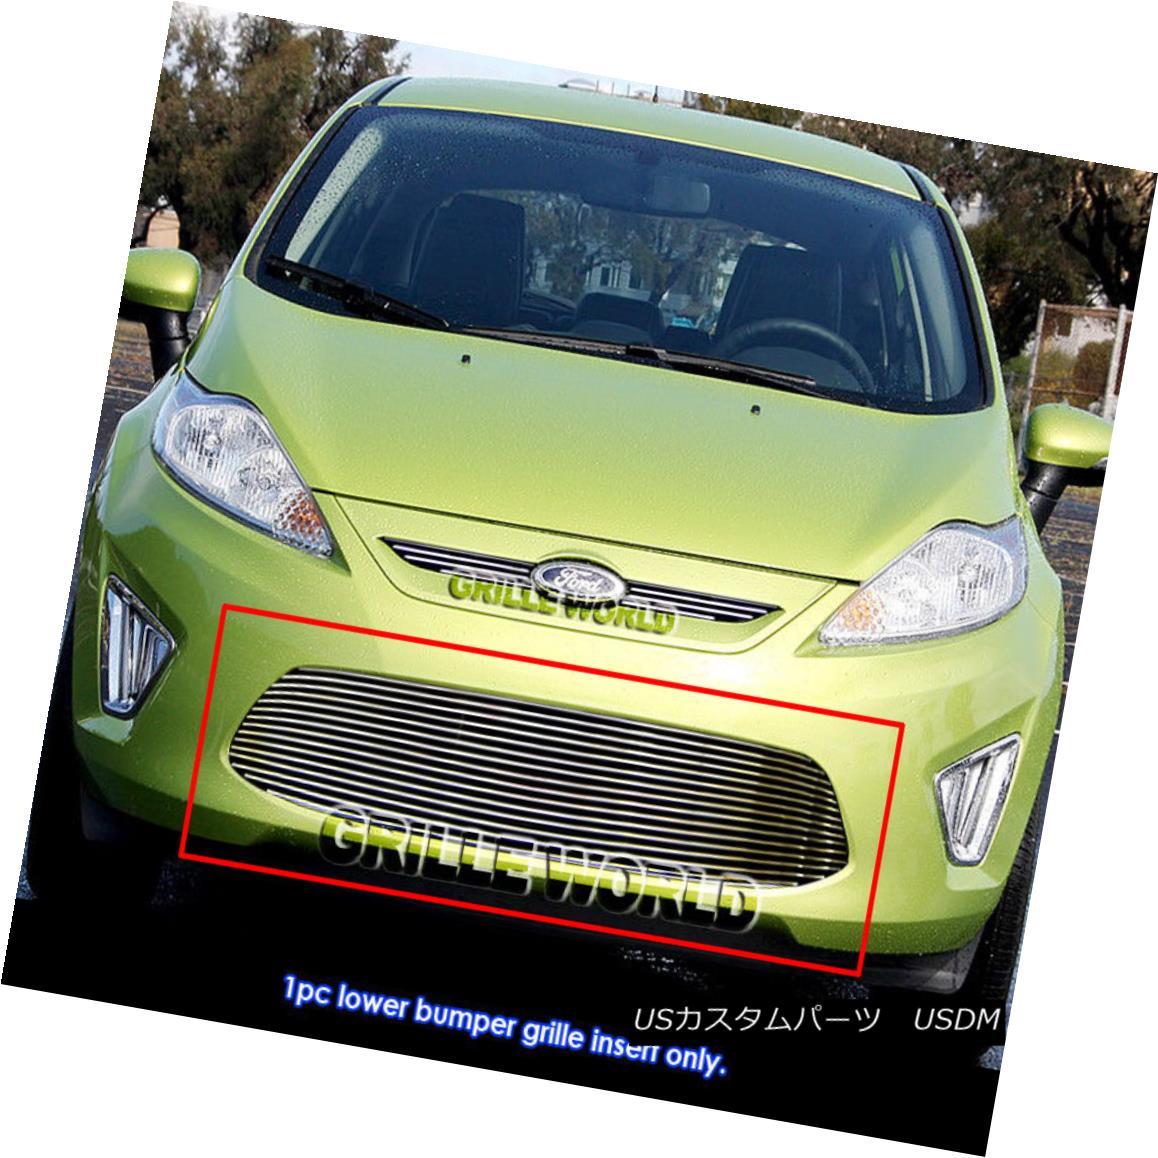 グリル For 2011-2013 Ford Fiesta SE/SEL Bumper Grille Grill Insert 2011-2013 Ford Fiesta SE / SELバンパーグリルグリルインサート